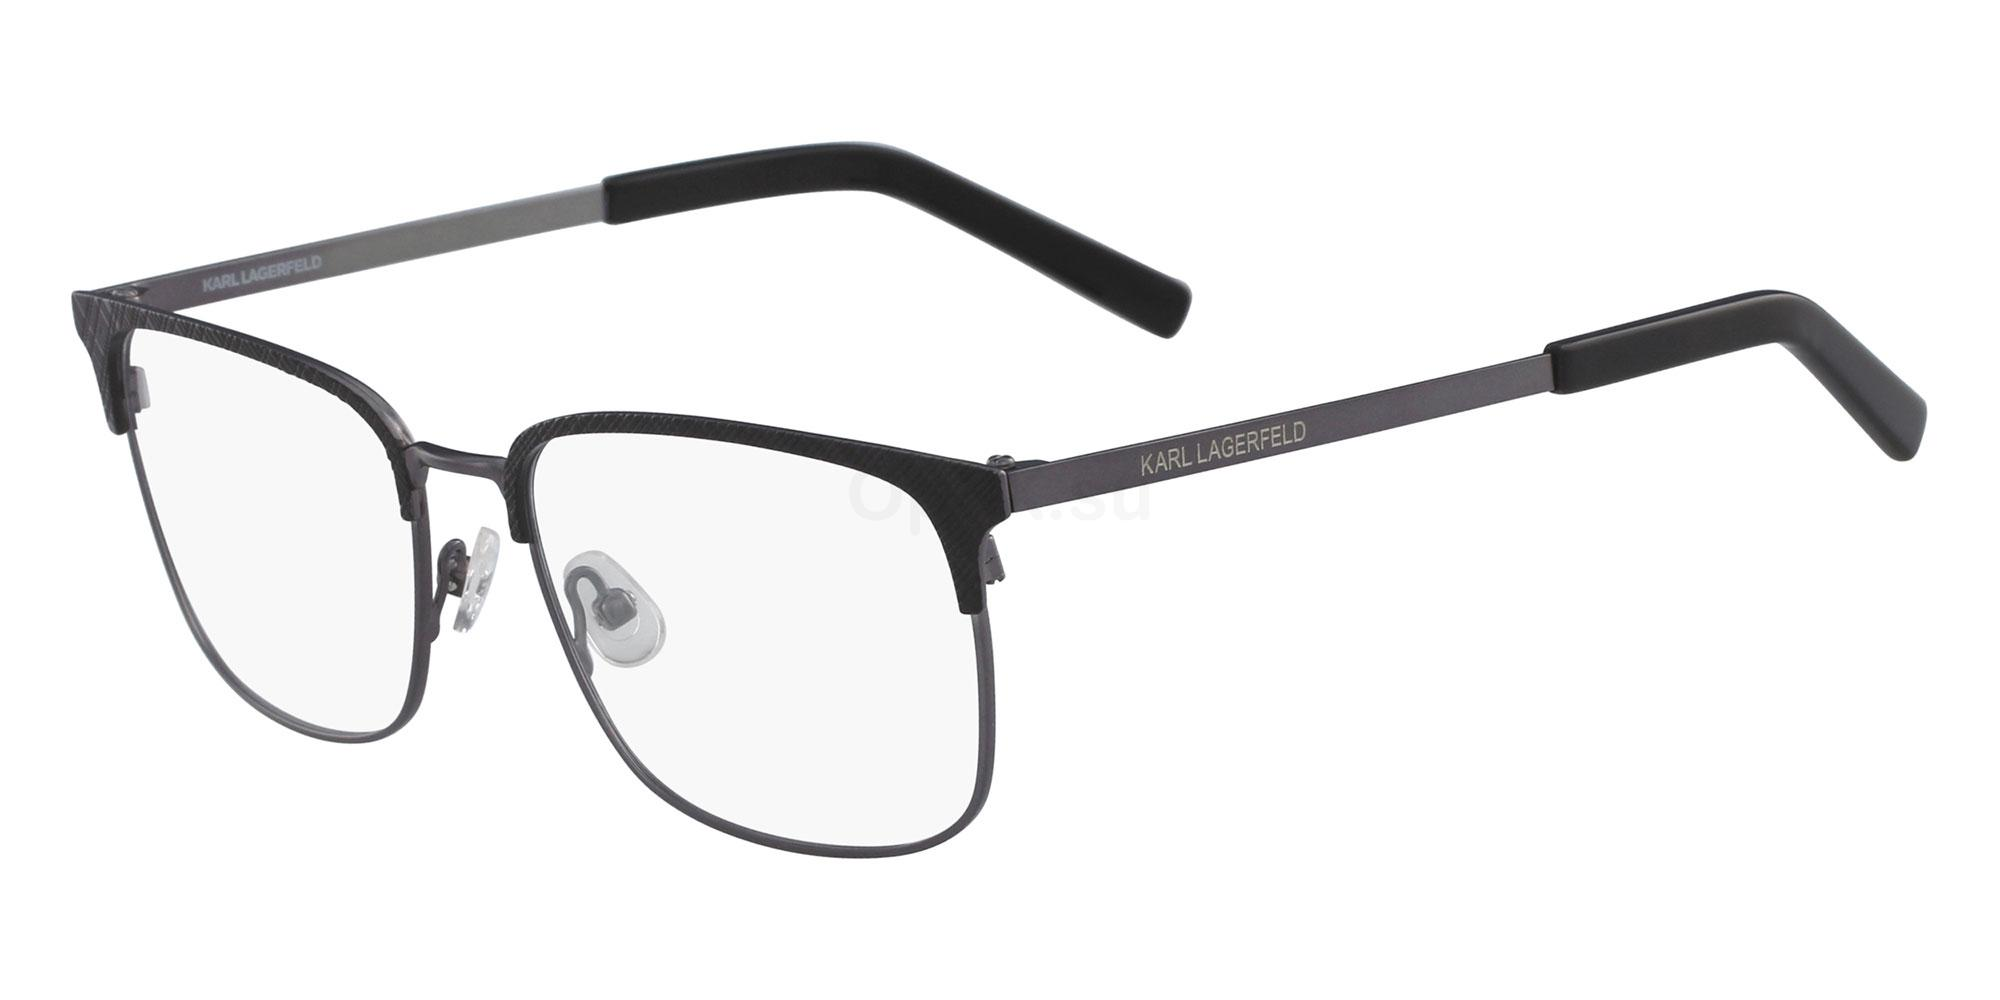 507 KL272 Glasses, Karl Lagerfeld